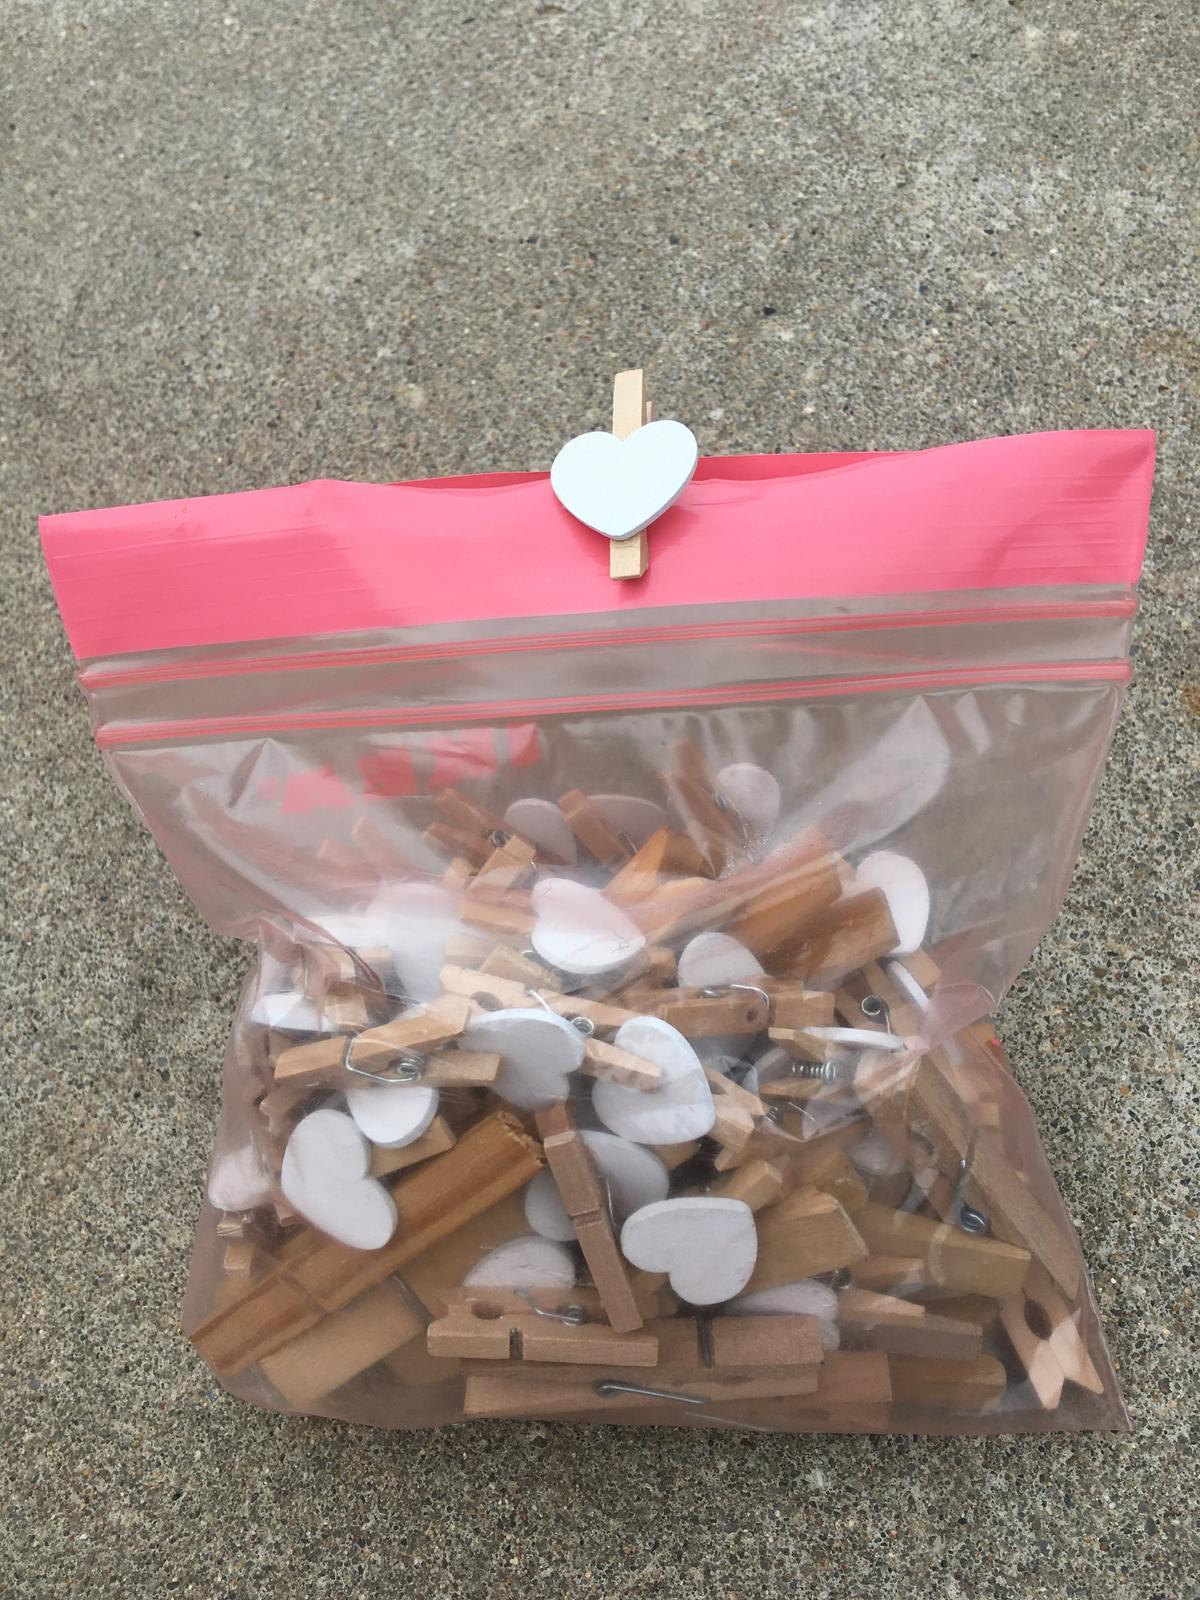 Kolíčky dřevěné se srdíčky i bez srdíček - Obrázek č. 1